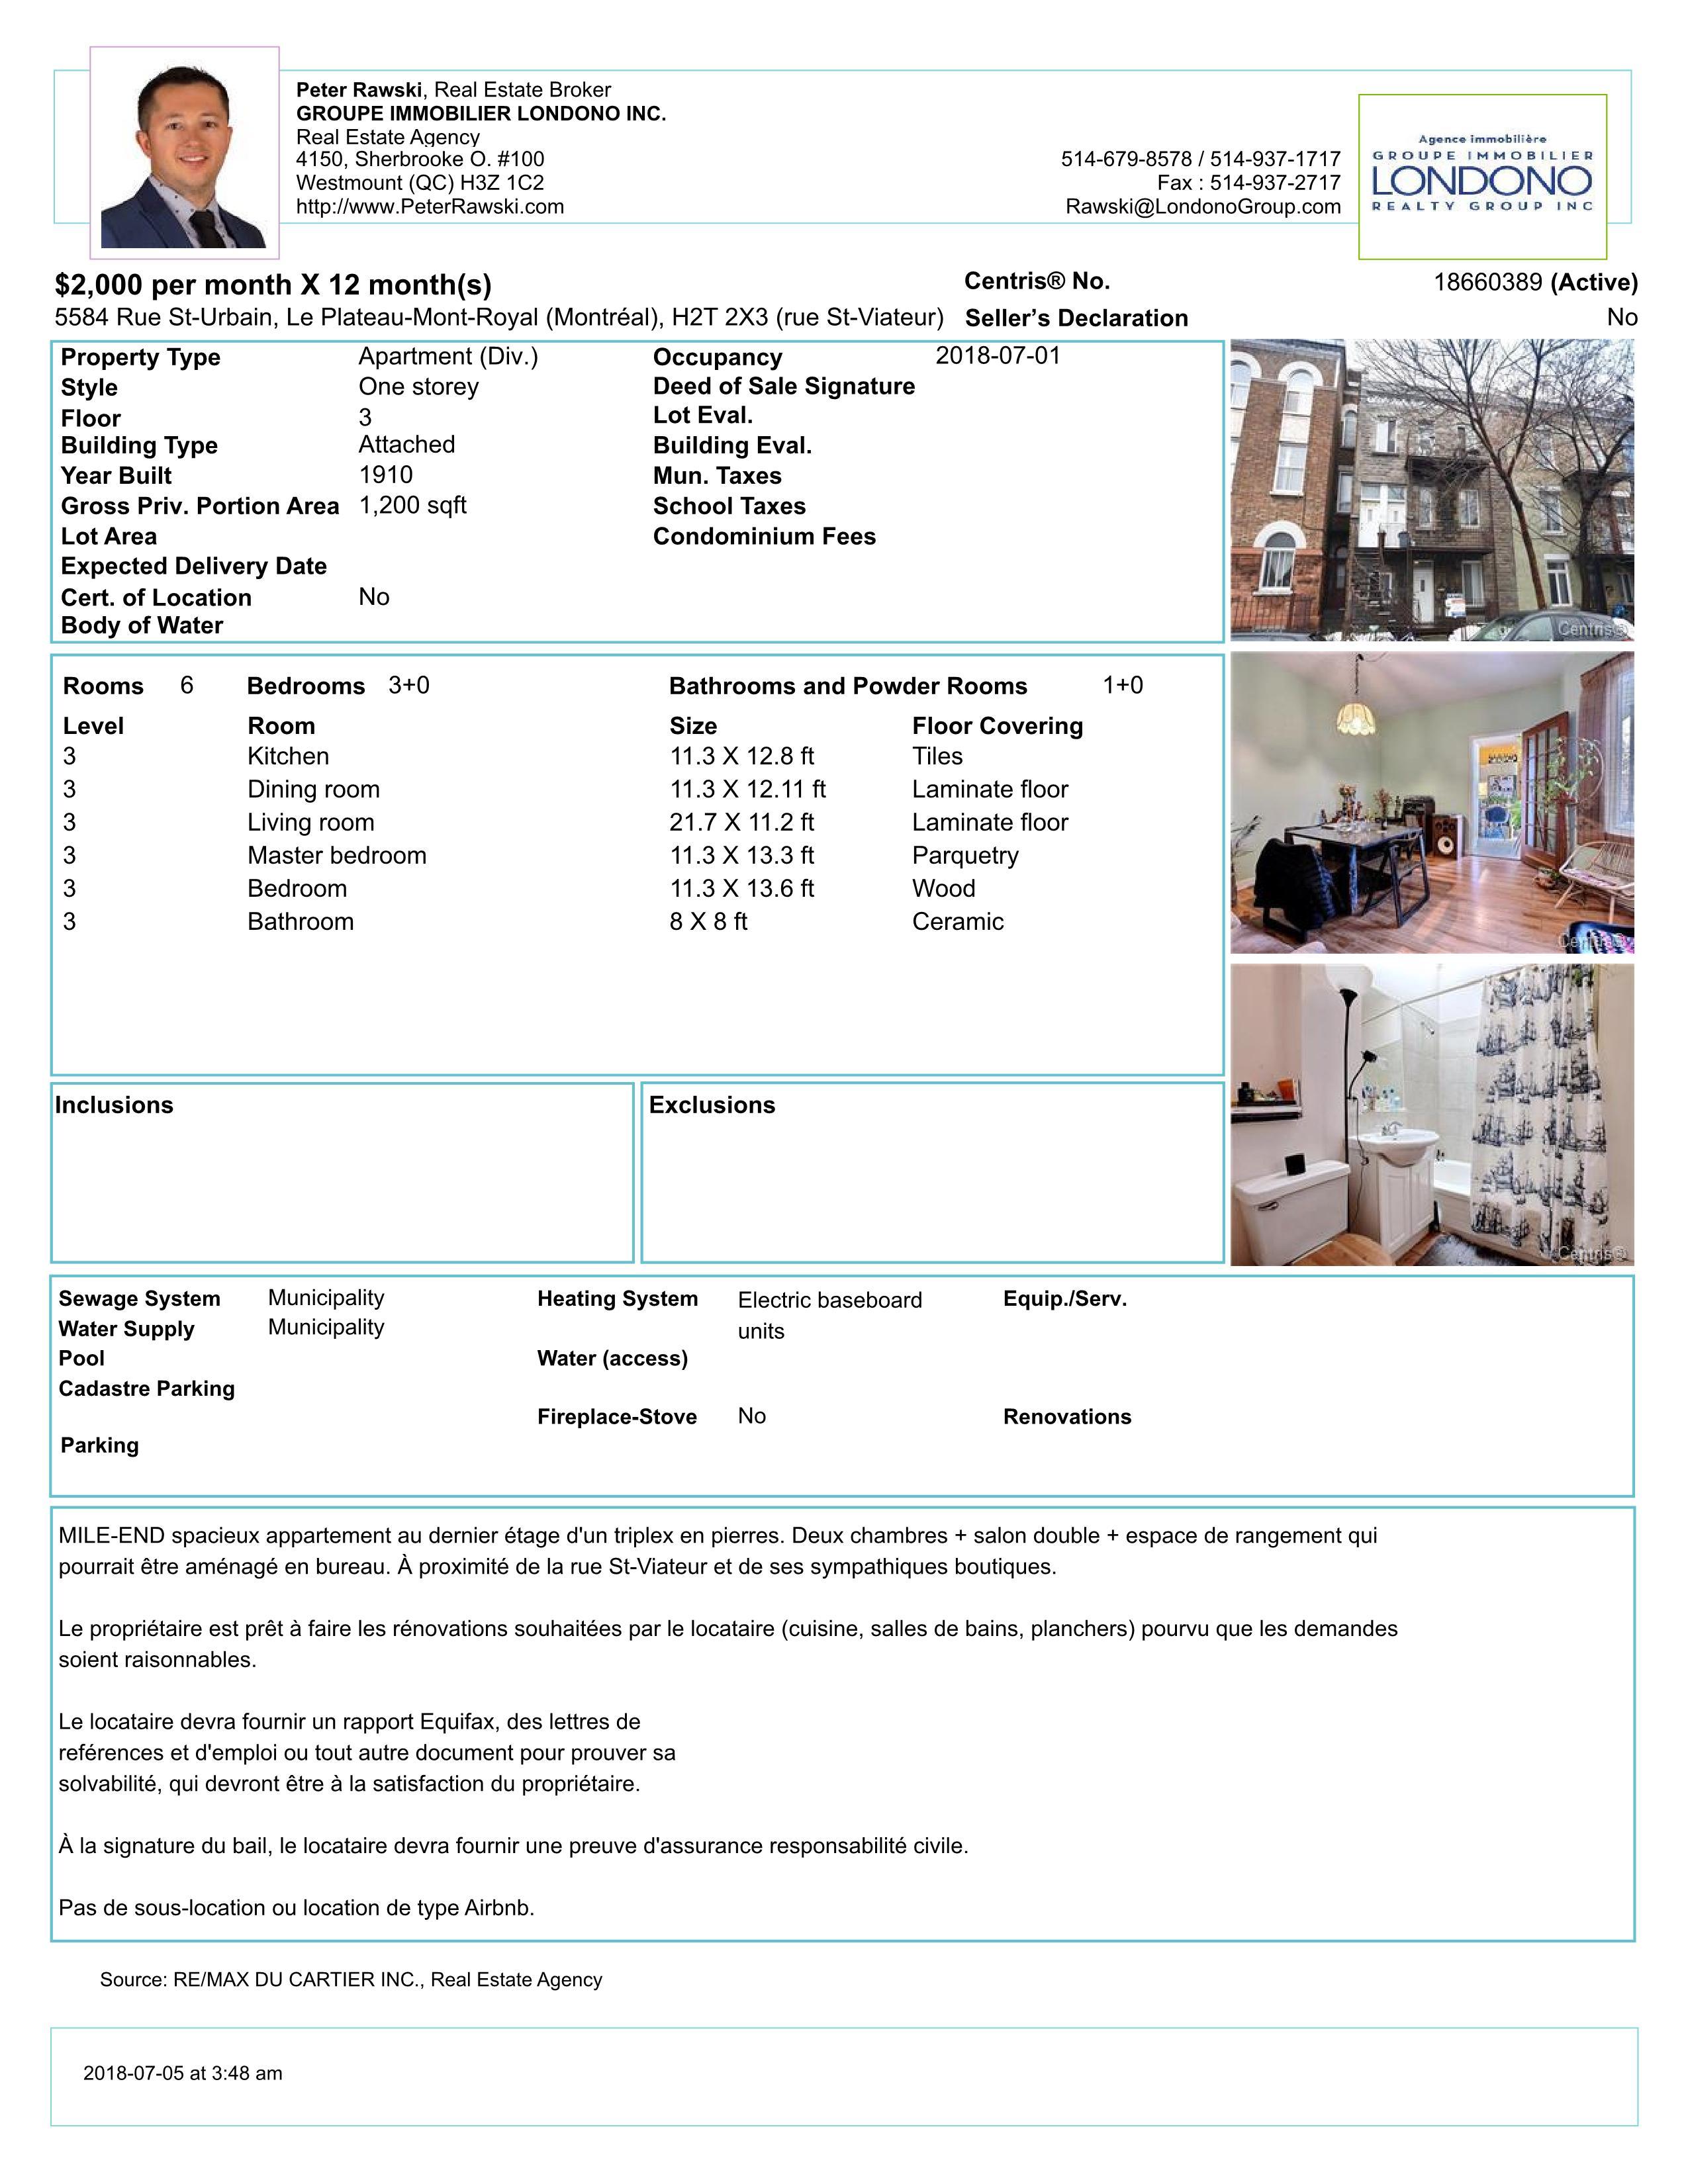 3br_apt_DT_mtl_1k-2k_page_26